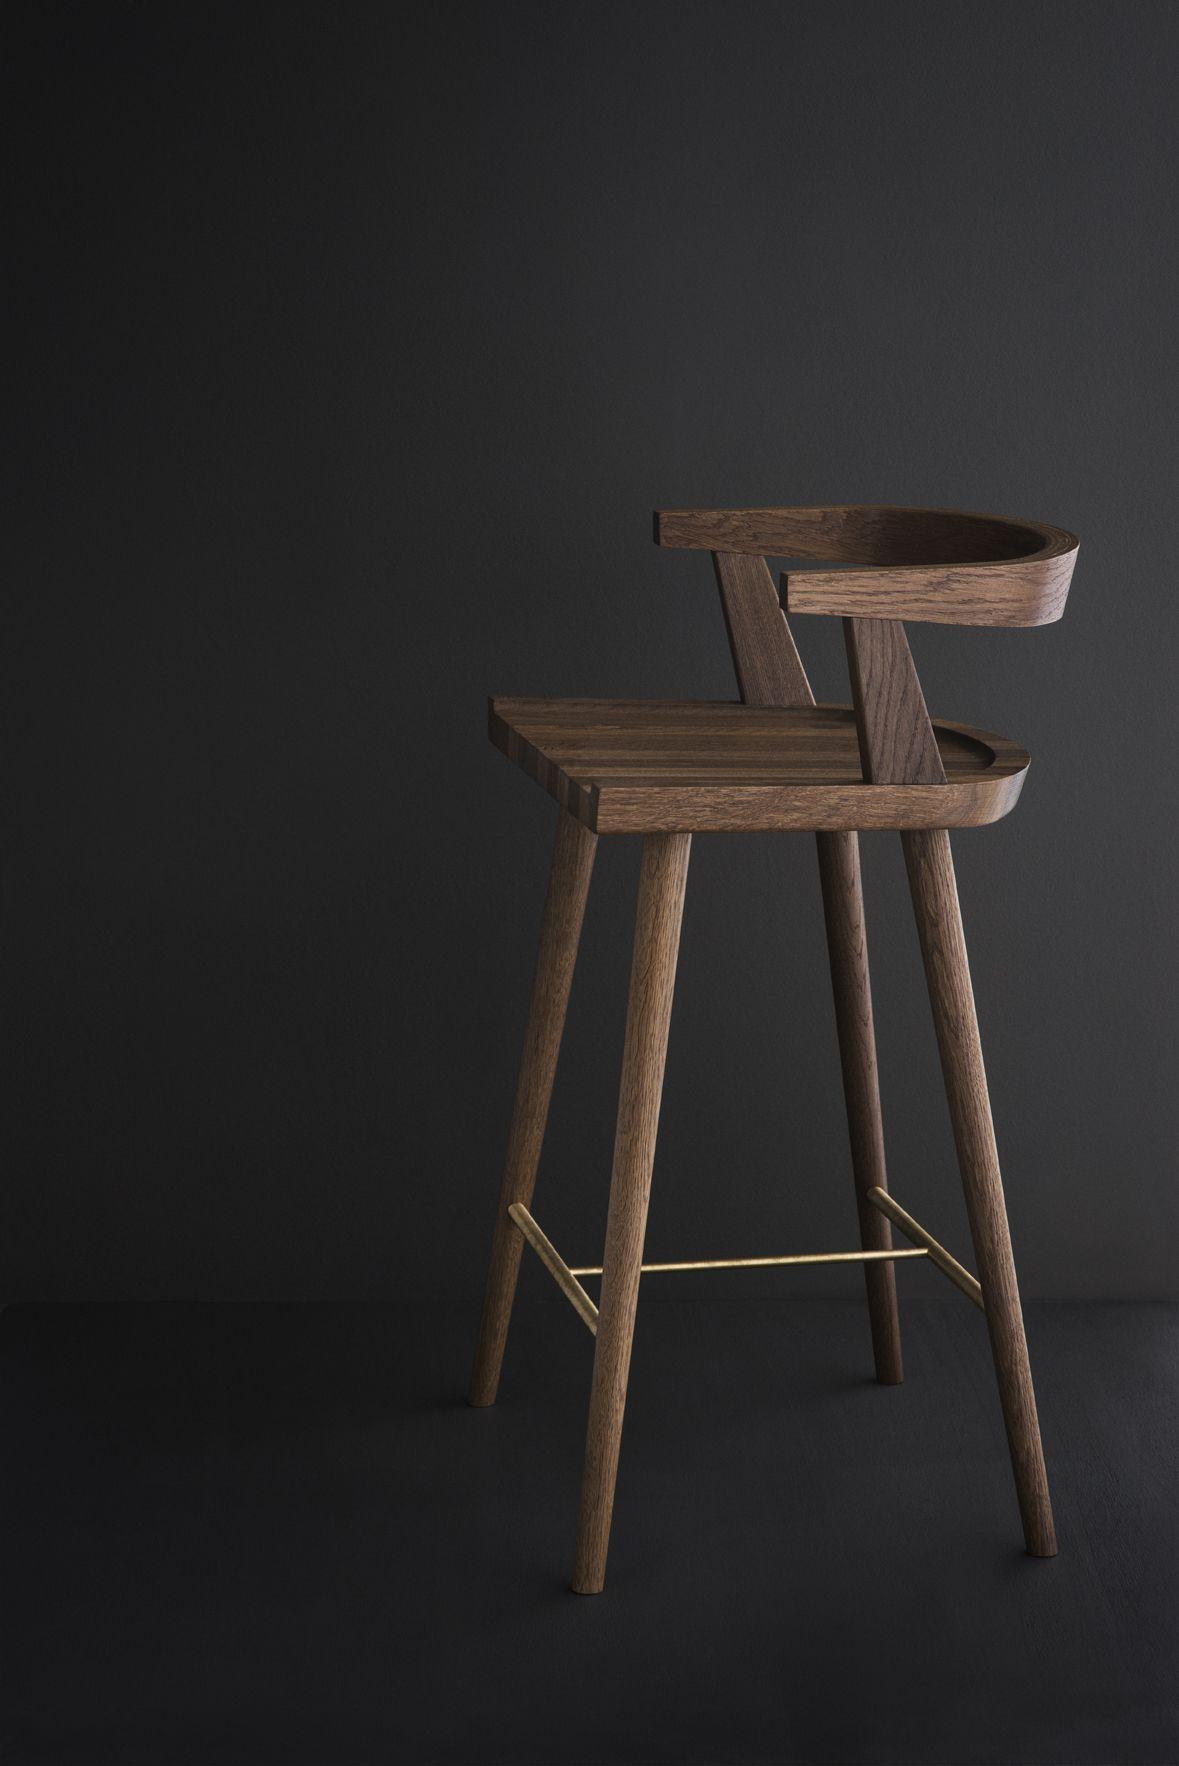 Stuhl Aus Eichenholz Von Kbh Kobenhavns Mobelsnedkeri Via